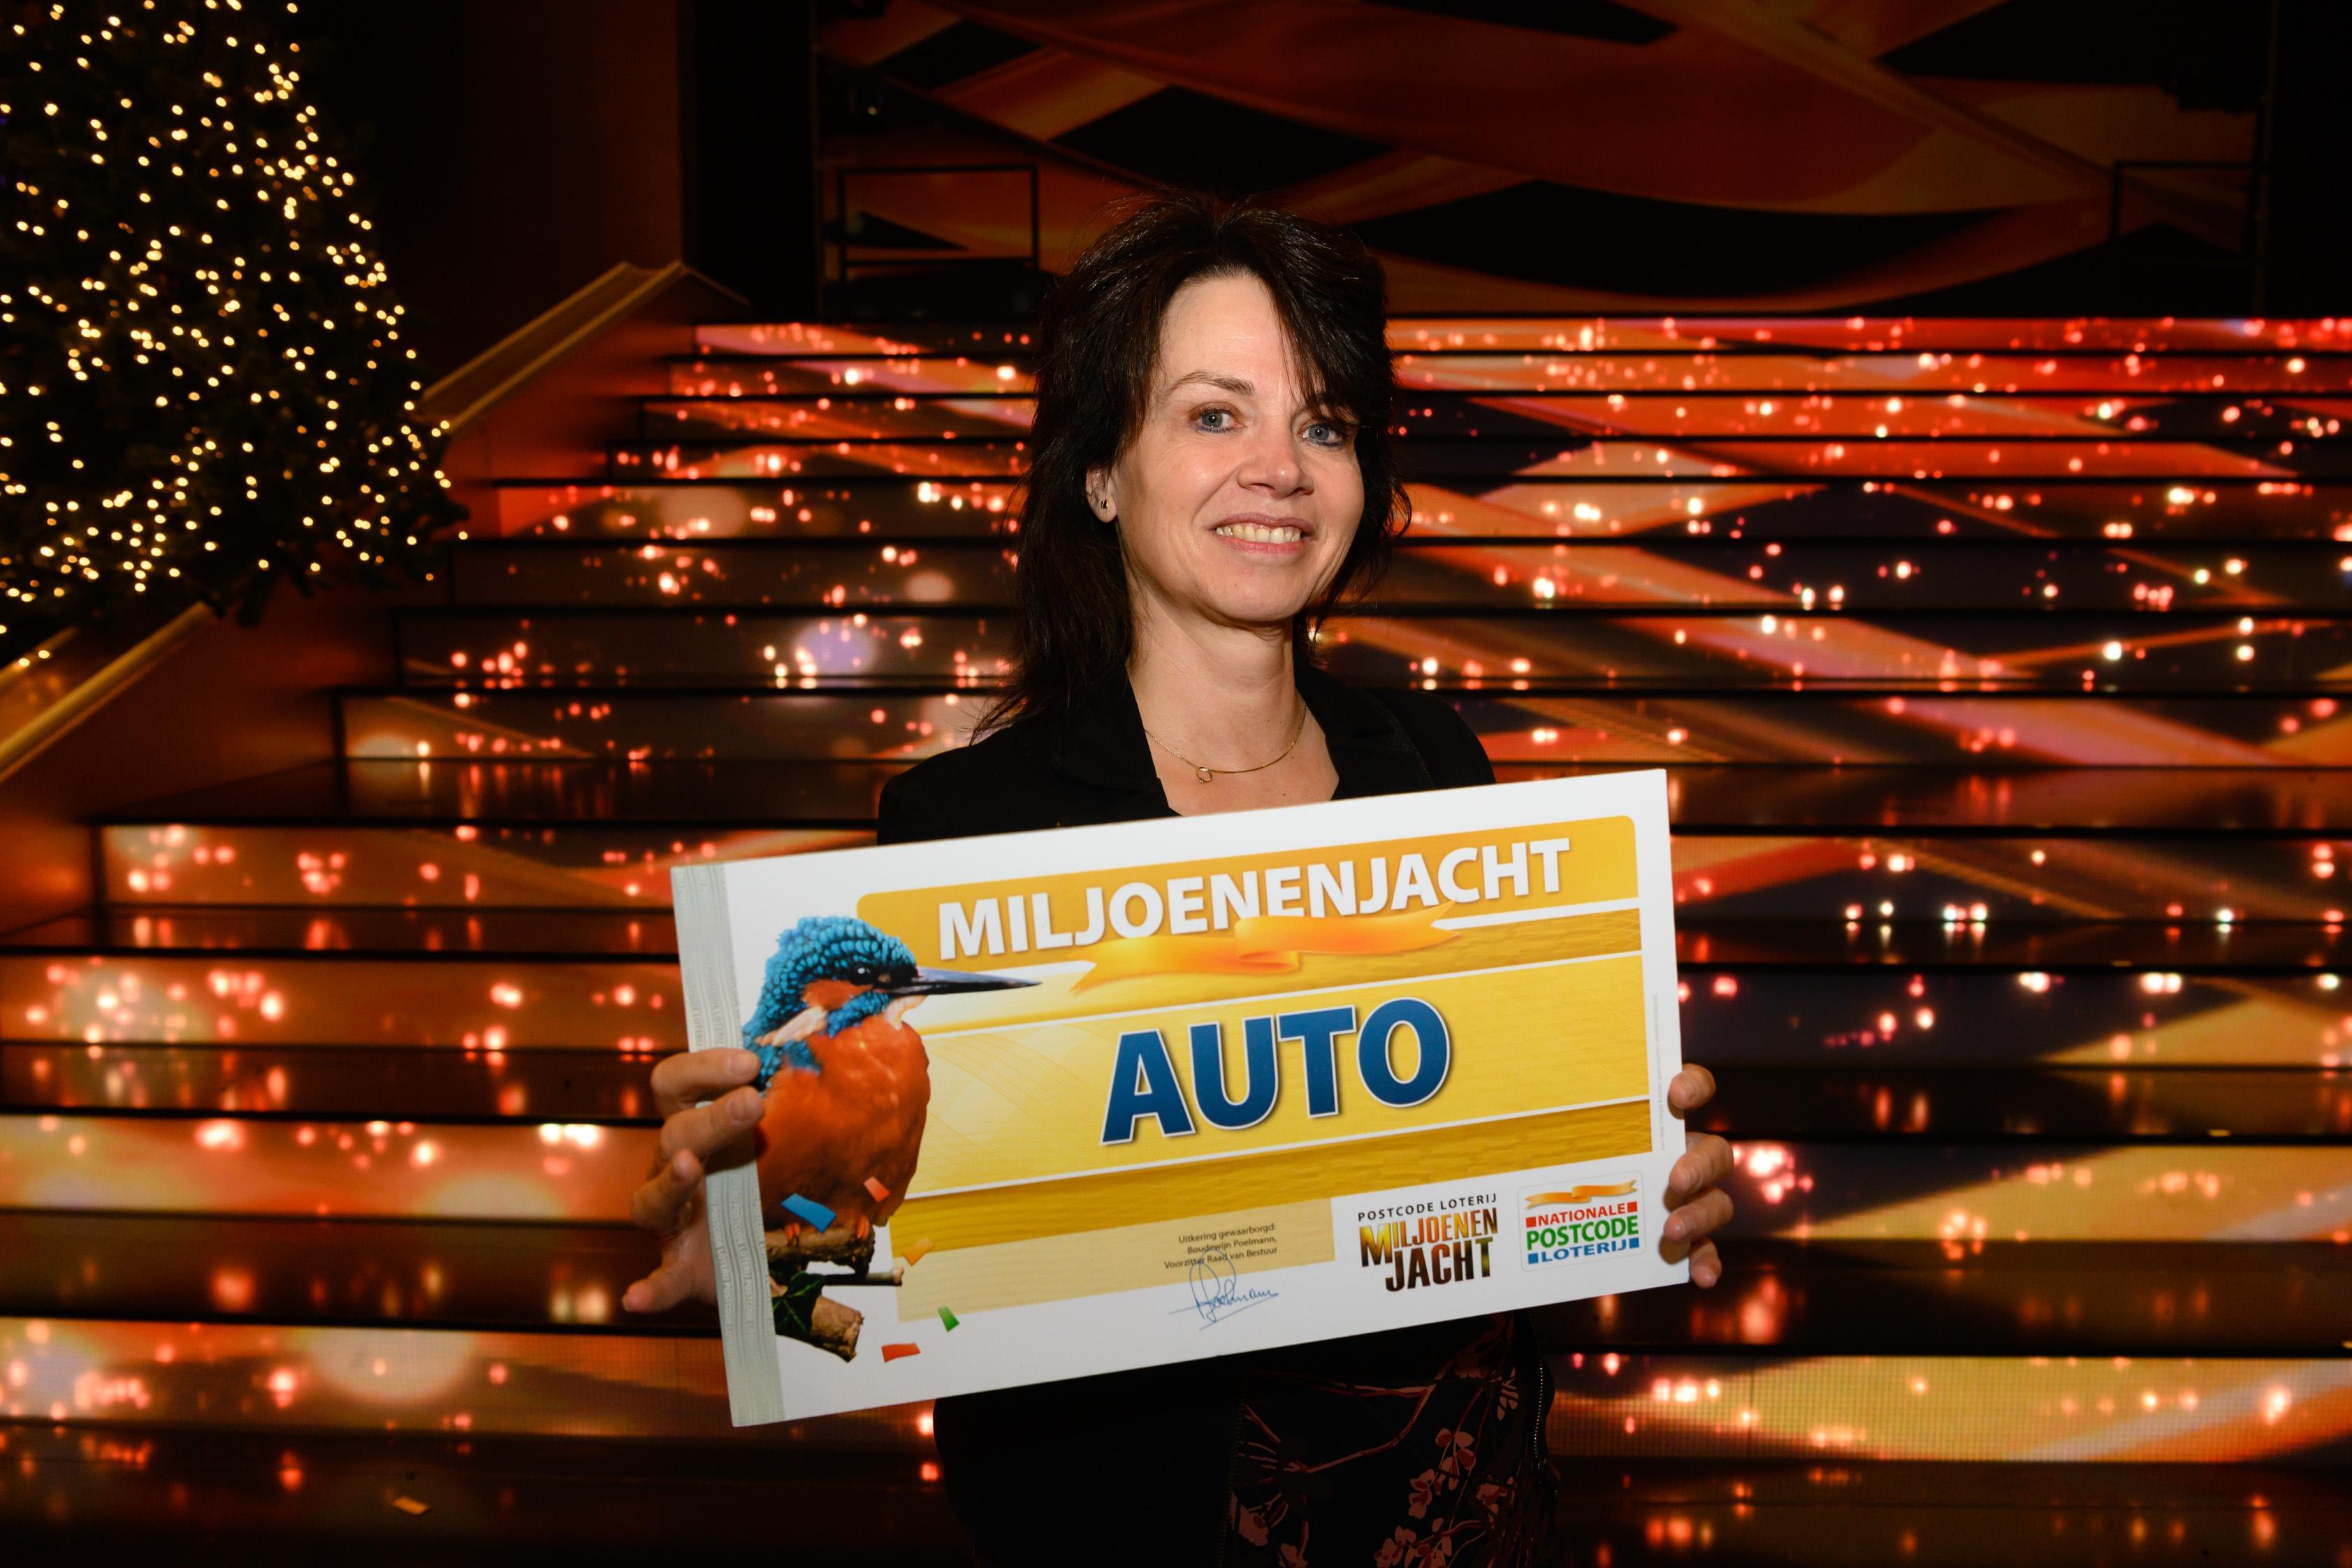 Carla uit Apeldoorn wint gloednieuwe elektrische auto bij Miljoenenjacht